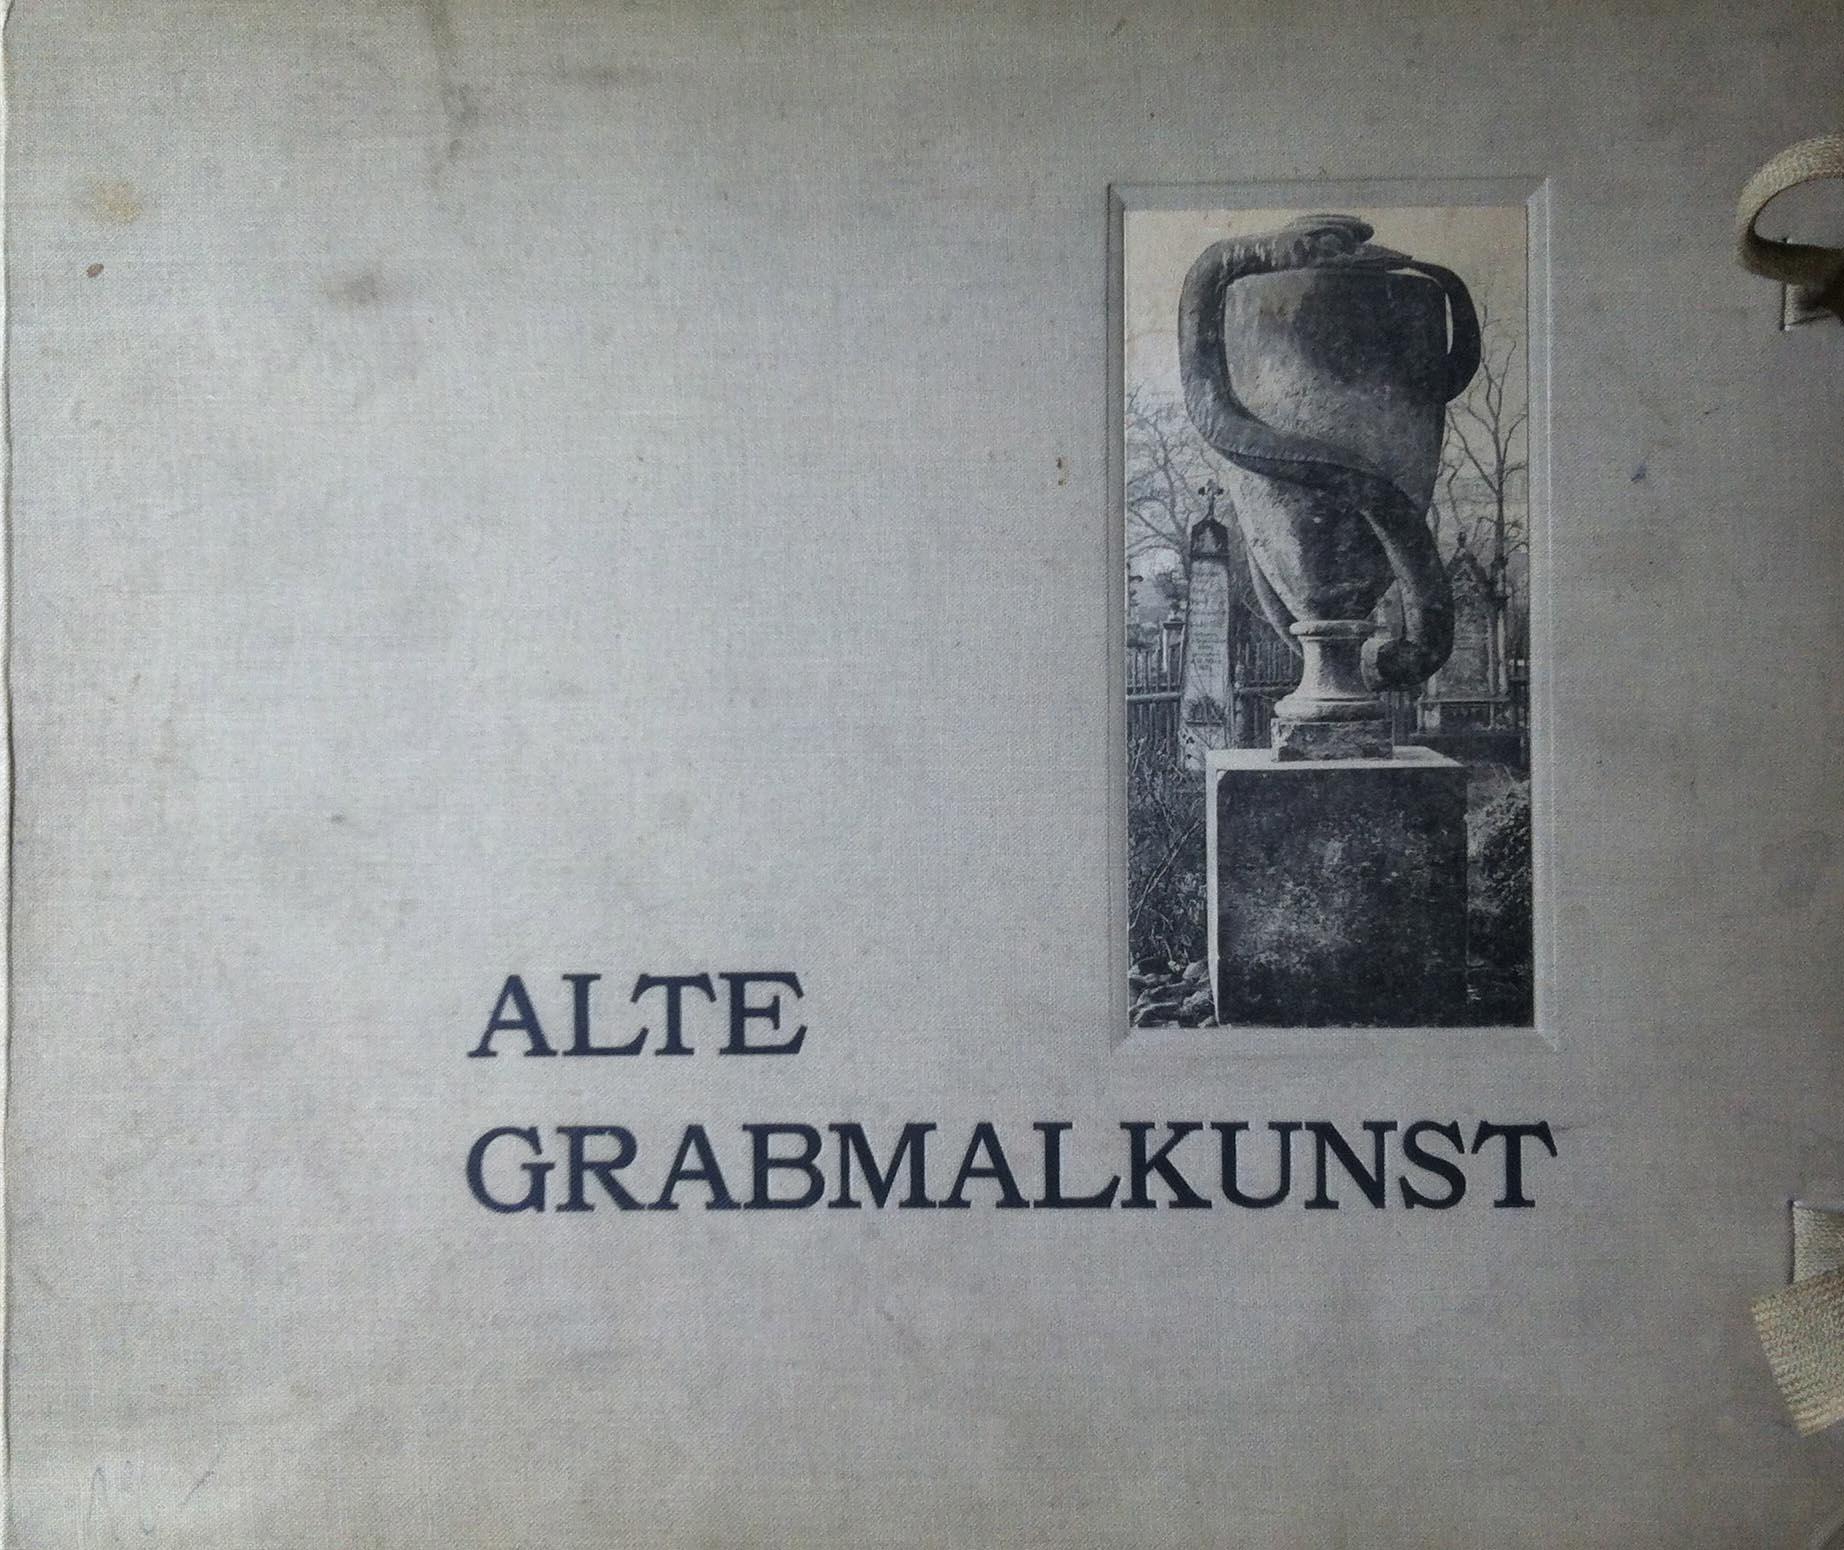 Alte Grabmalkunst. Eine Sammlung künstlerischer, charakteristischer Grabmäler: Martin Gerlach